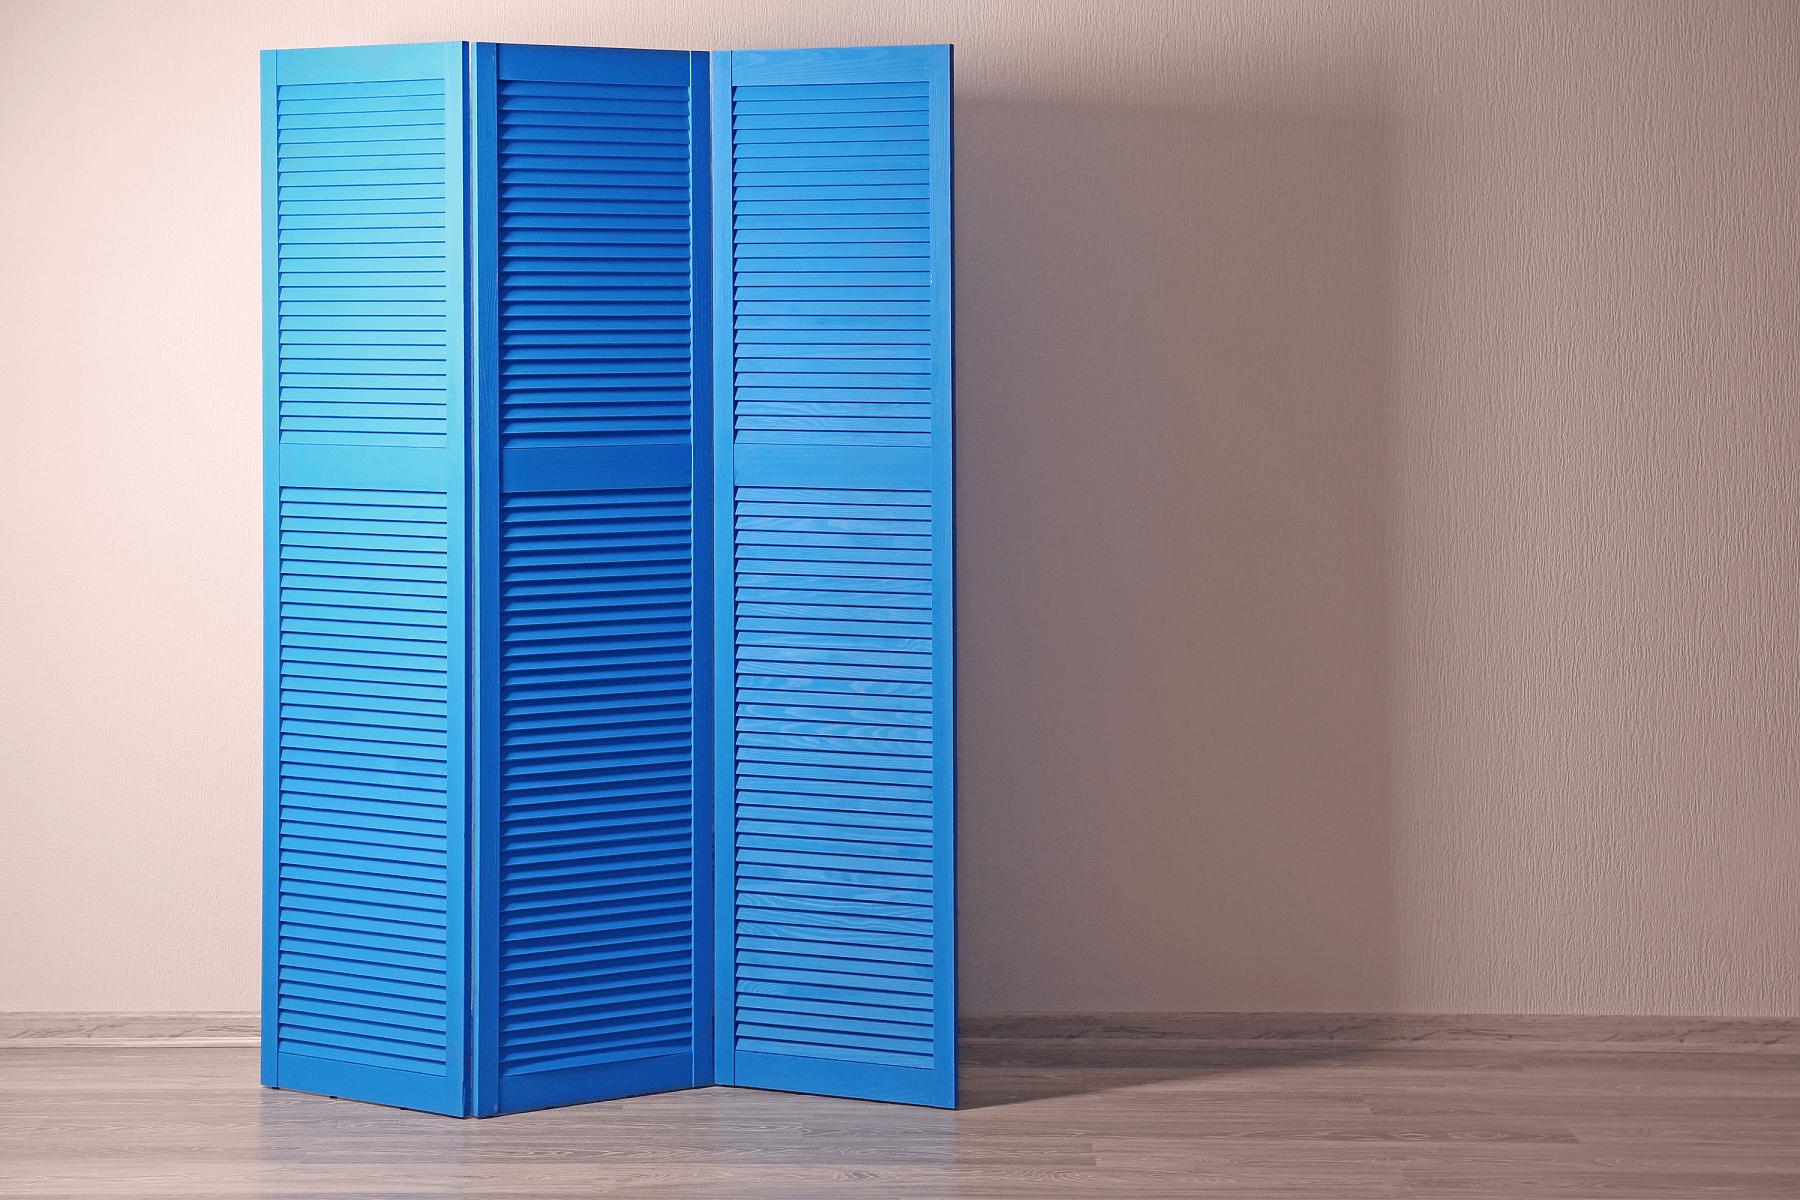 Parawan niebieski drewniany z drzwiczek ażurowych